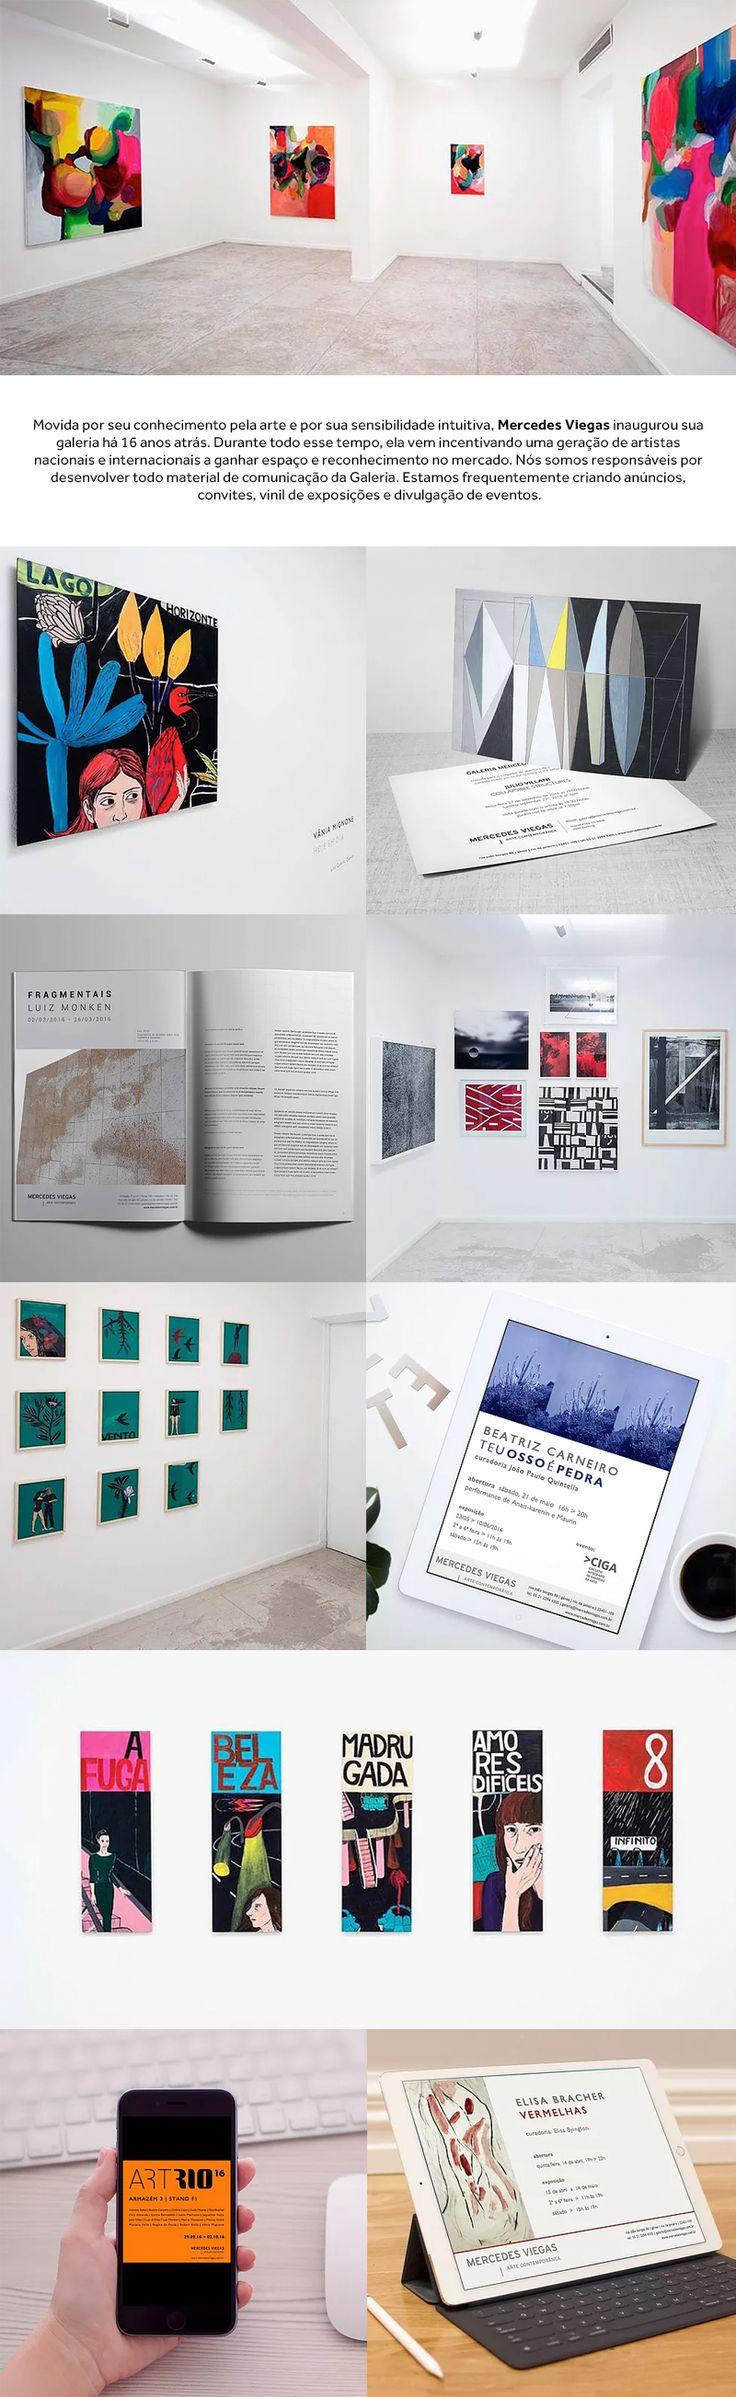 Nós somos responsáveis por desenvolver todo material de comunicação da Galeria. Estamos frequentemente criando anúncios, convites, vinil de exposições e divulgação de eventos.   | logo design graphic design identidade visual branding gallery  |